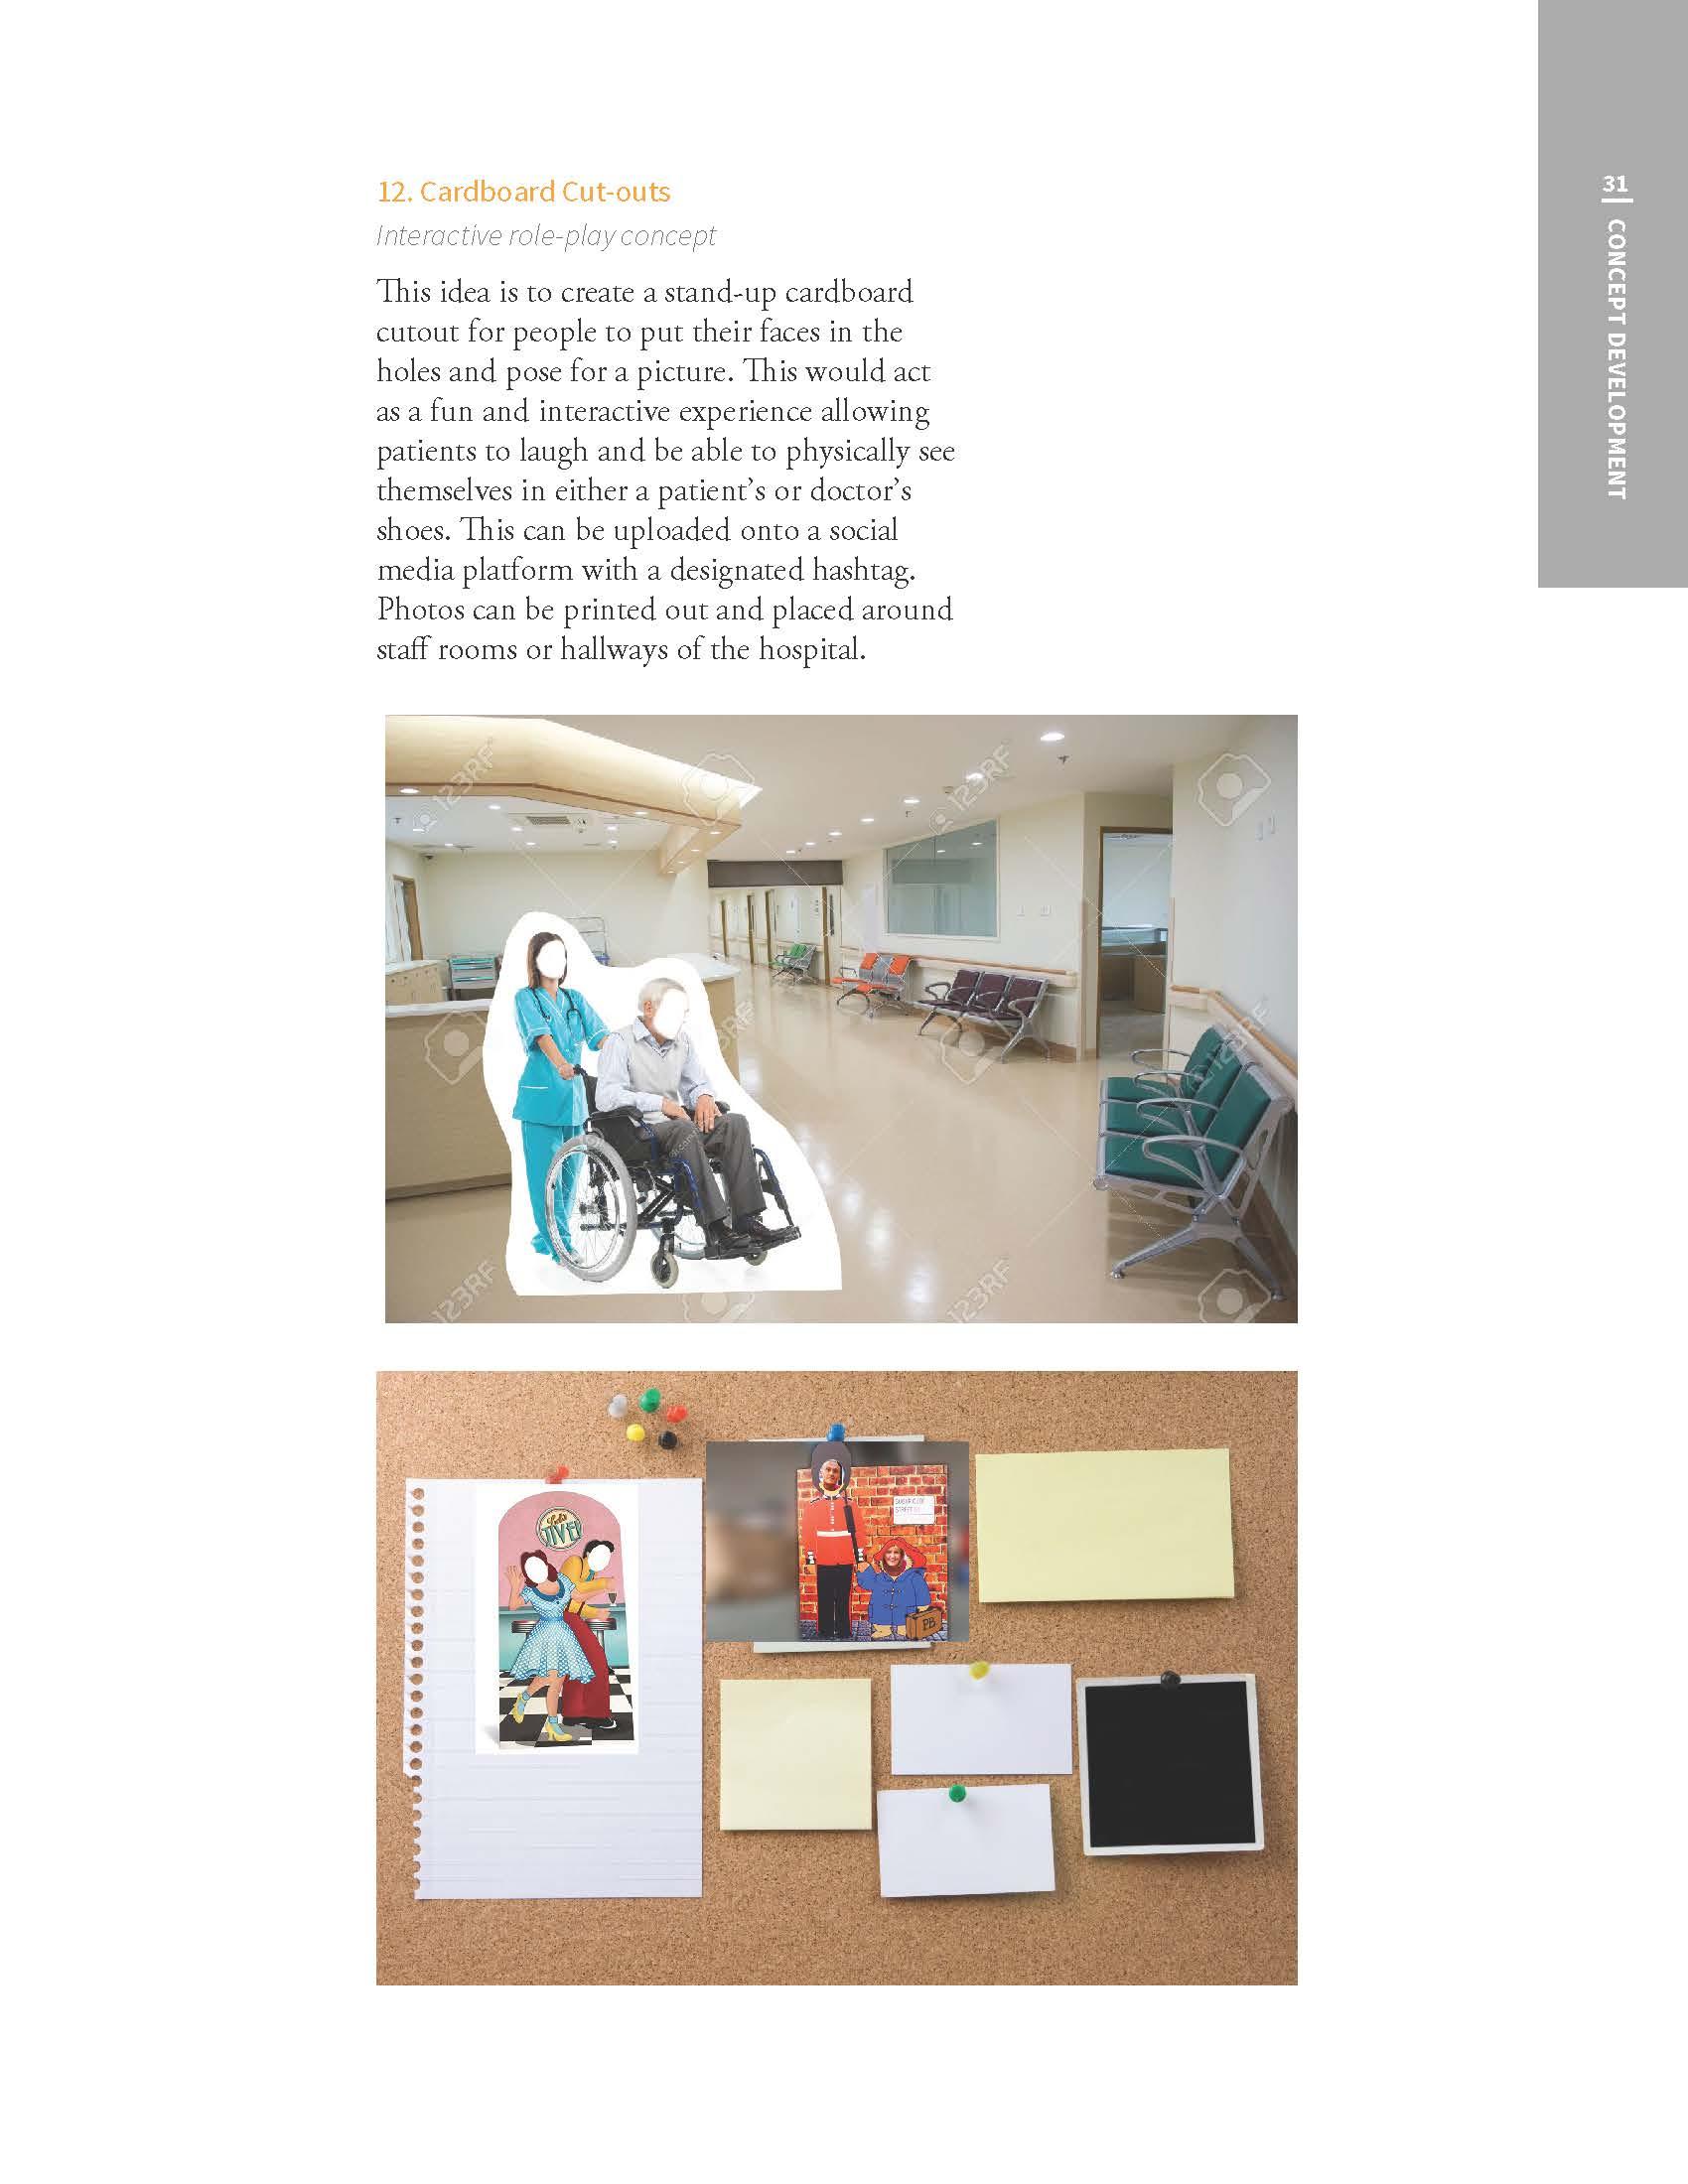 Copy of HDL_Fraser_Health_V4_Page_31.jpg